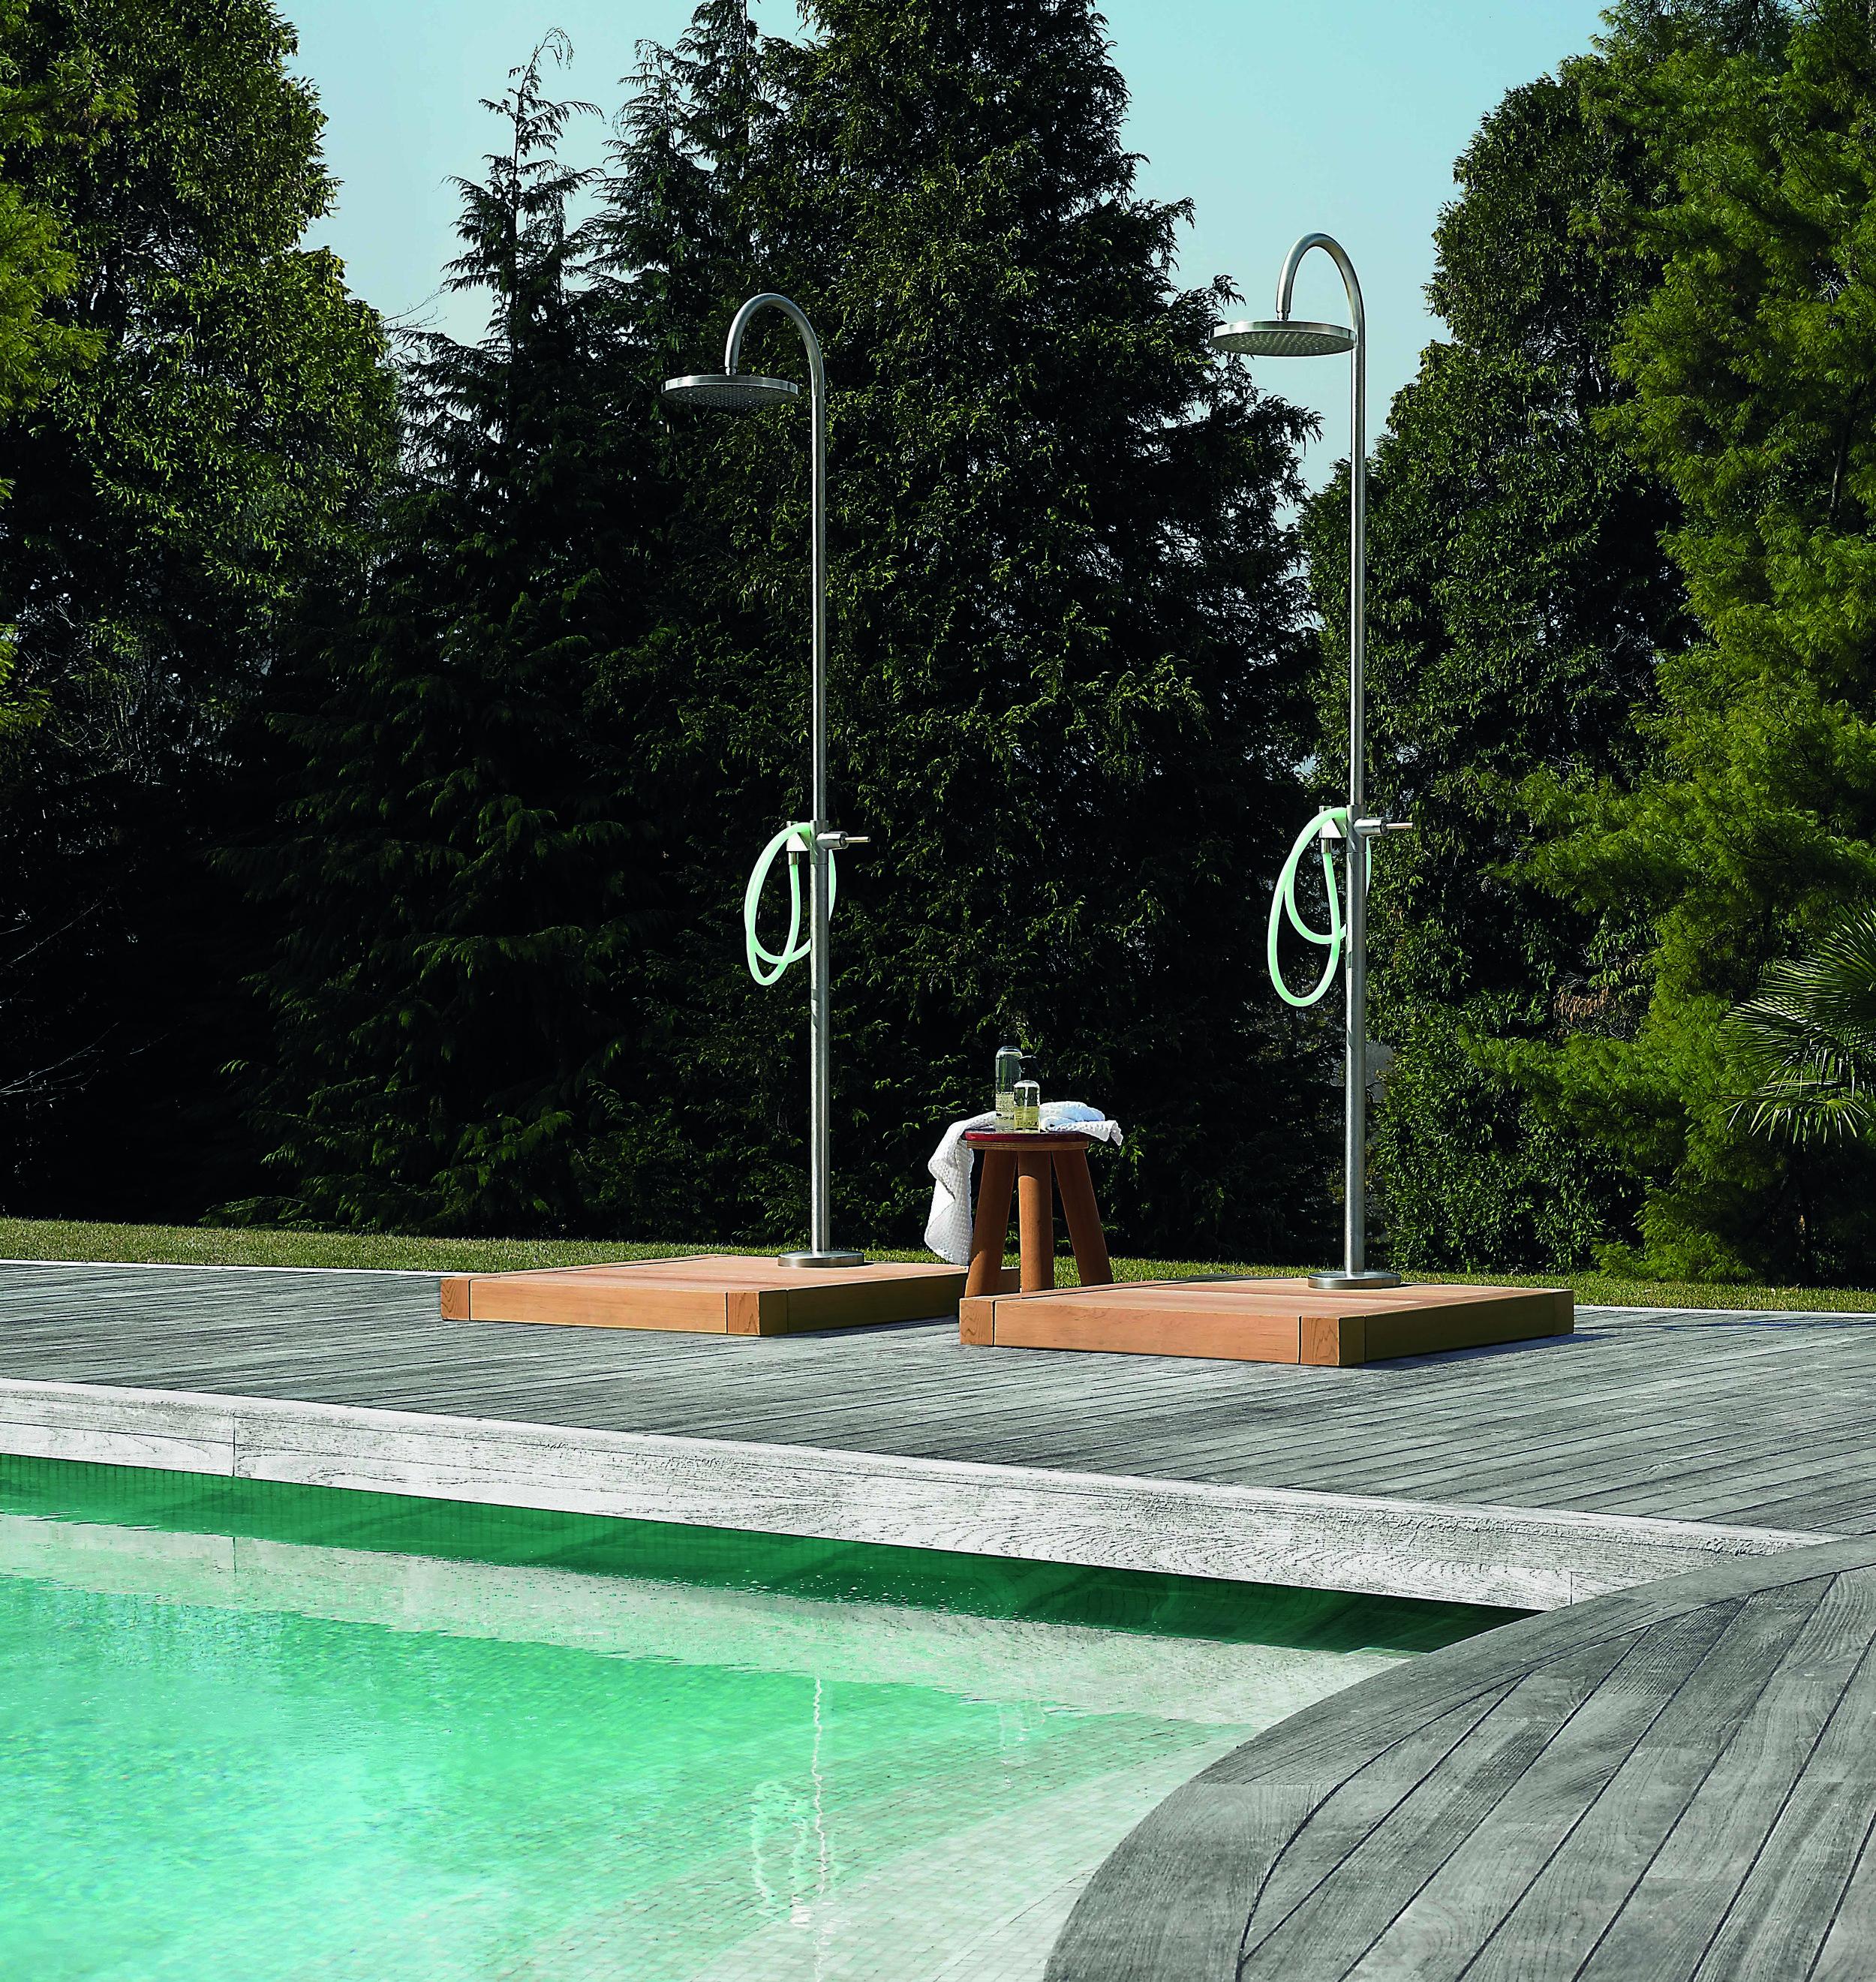 zucchetti outdoor shower.jpg